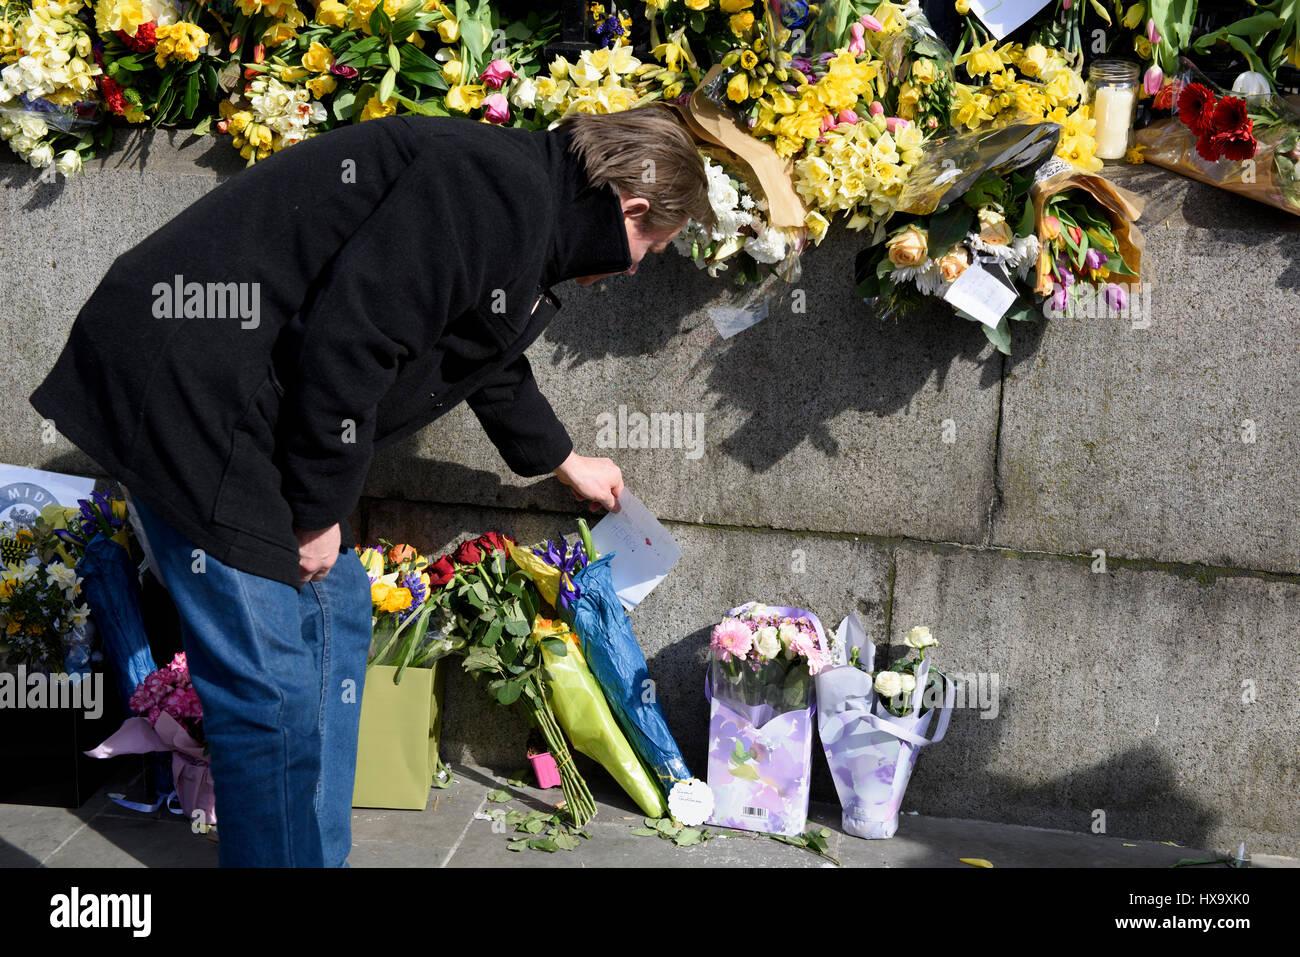 25 Mar 2017. Les gens quittant tributs floraux et des messages pour l'attaque terroriste de Westminster victimes au cours de l'unir pour l'Europe de mars à Londres, Royaume-Uni. Banque D'Images